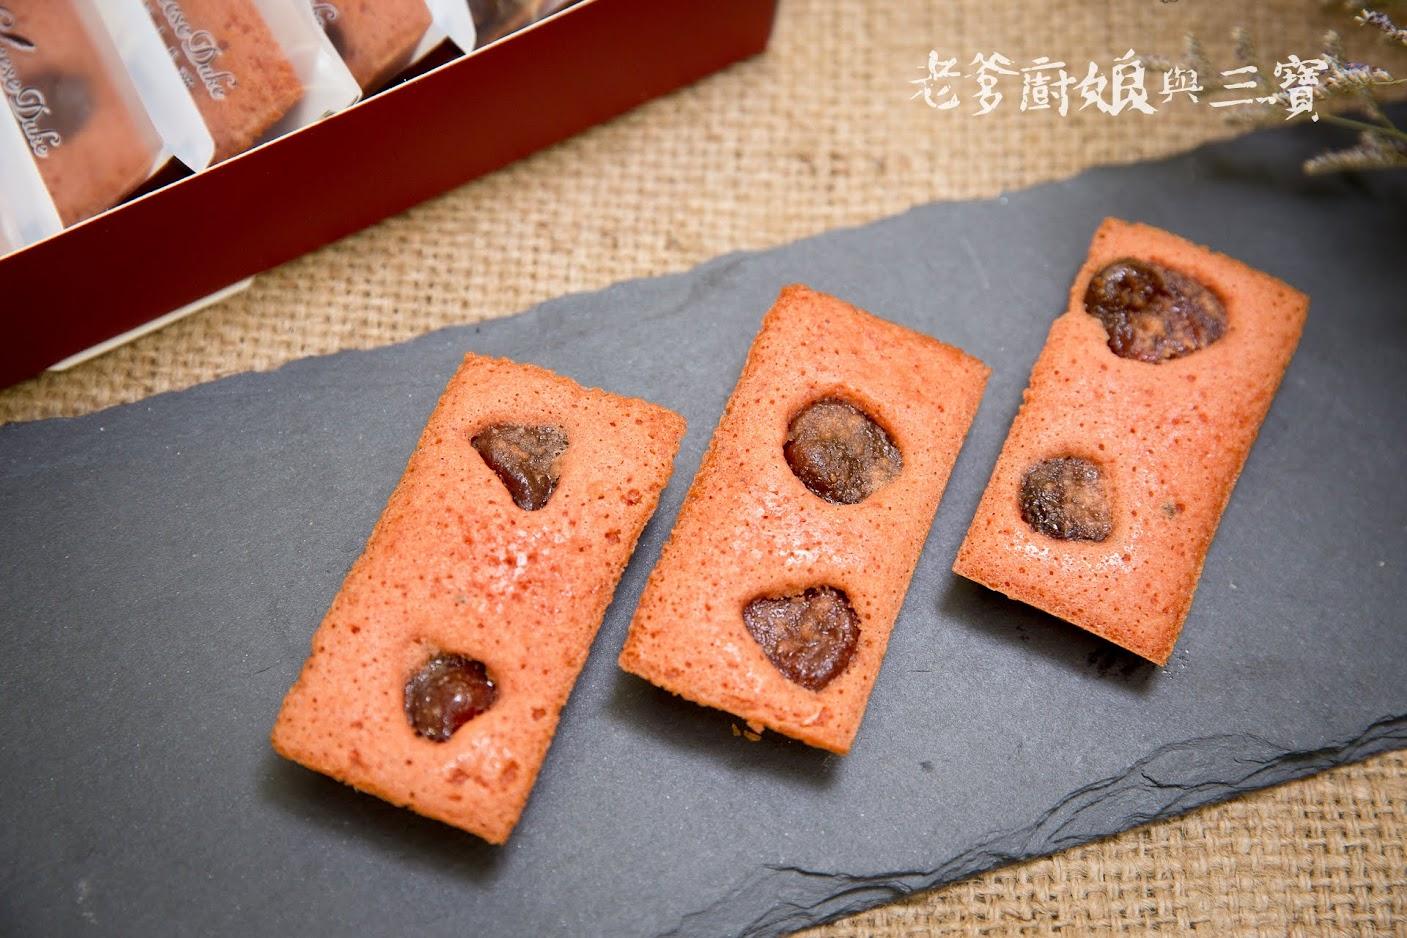 我們的午後幸福小浪漫,每一口都是濃郁與福氣...起士公爵草莓紅鑽費雪禮盒